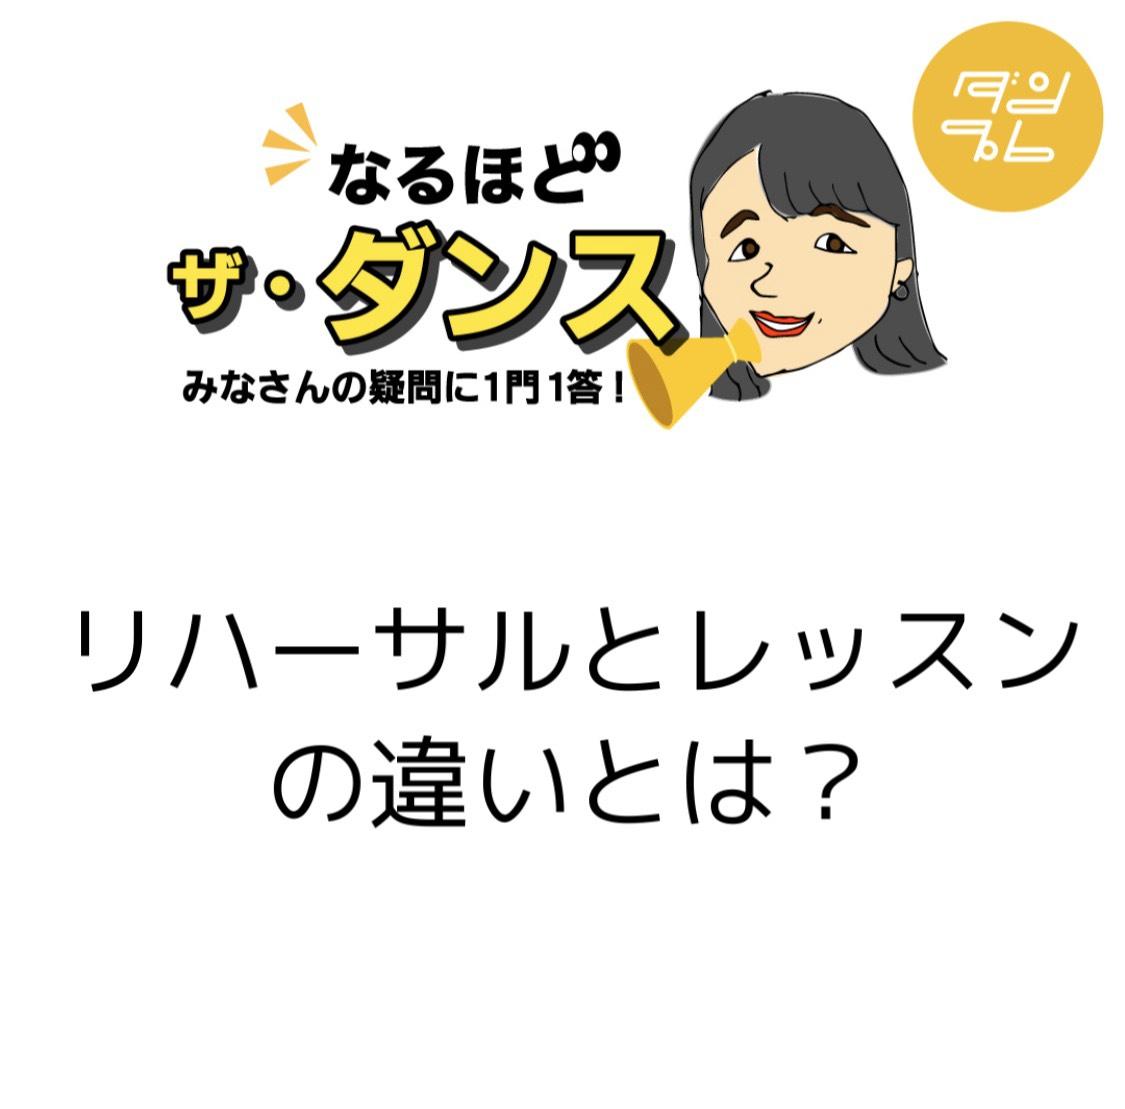 記事「なるほど ザ・ダンス ④ リハーサルとレッスンの違いとは?」の画像